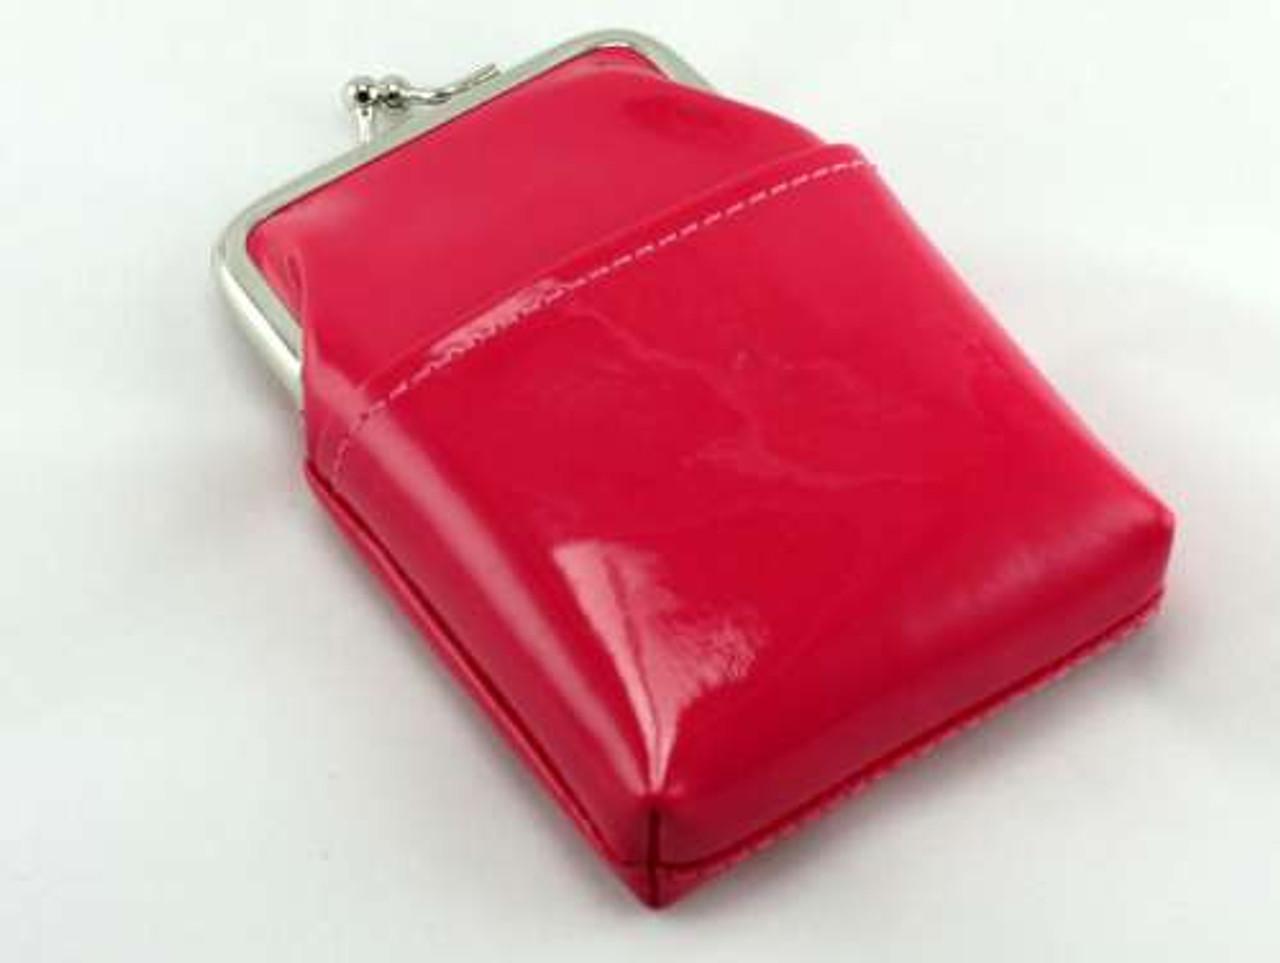 Gloss Pink Cigarette Pack Holder